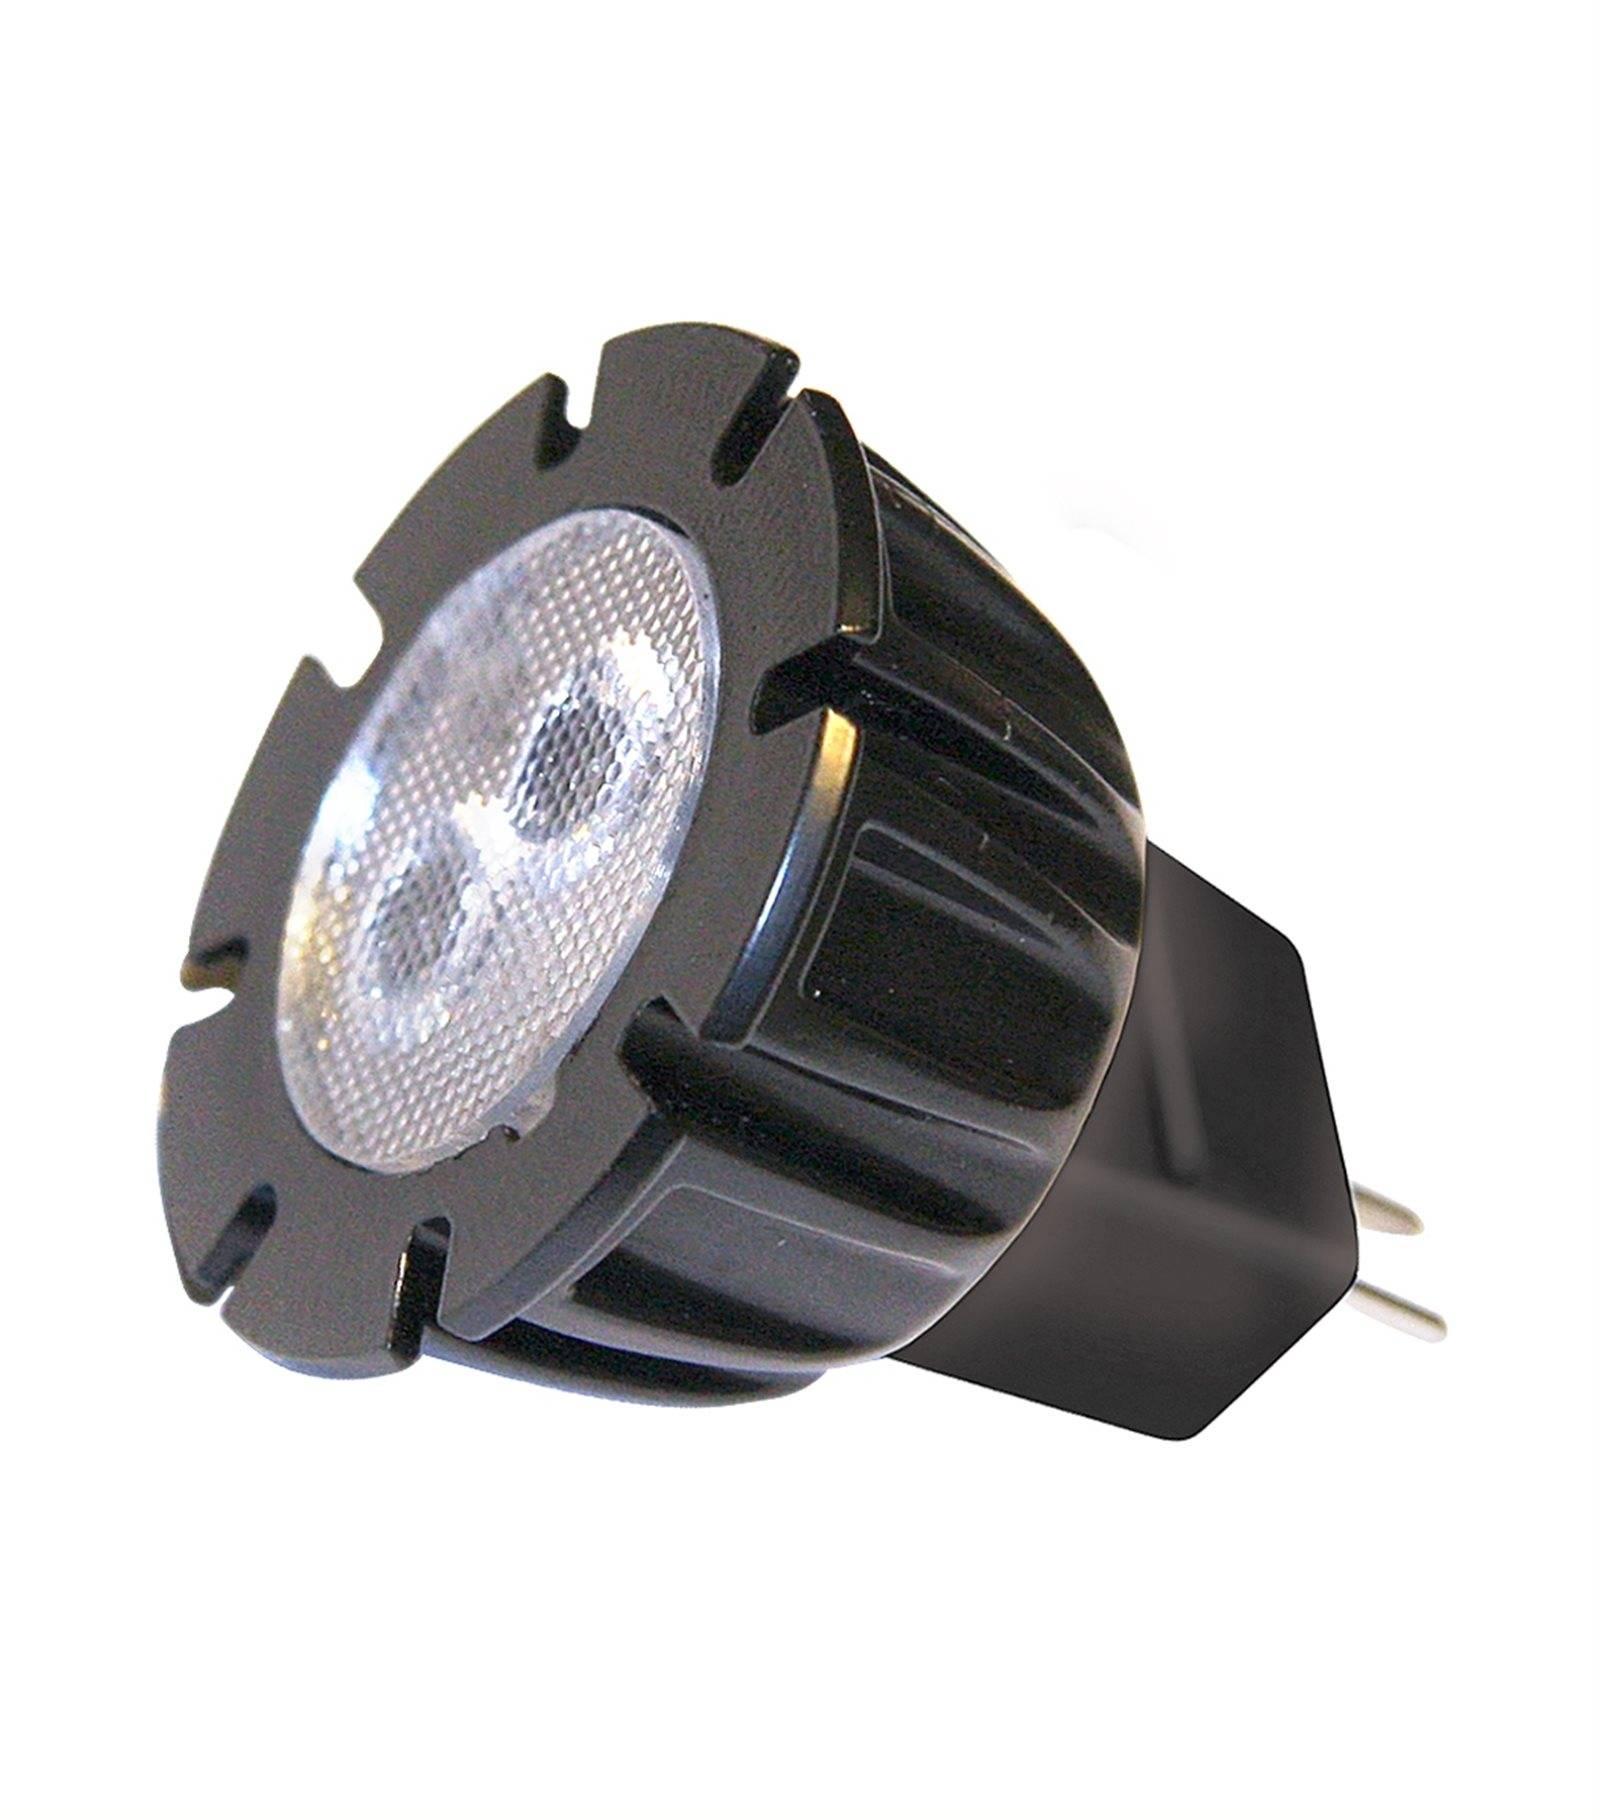 2w 3 Chaud Led Mr11 Lights Gl6215011 Gu5 Ampoule Garden 12v Blanc 120lm 120° EWIH9D2